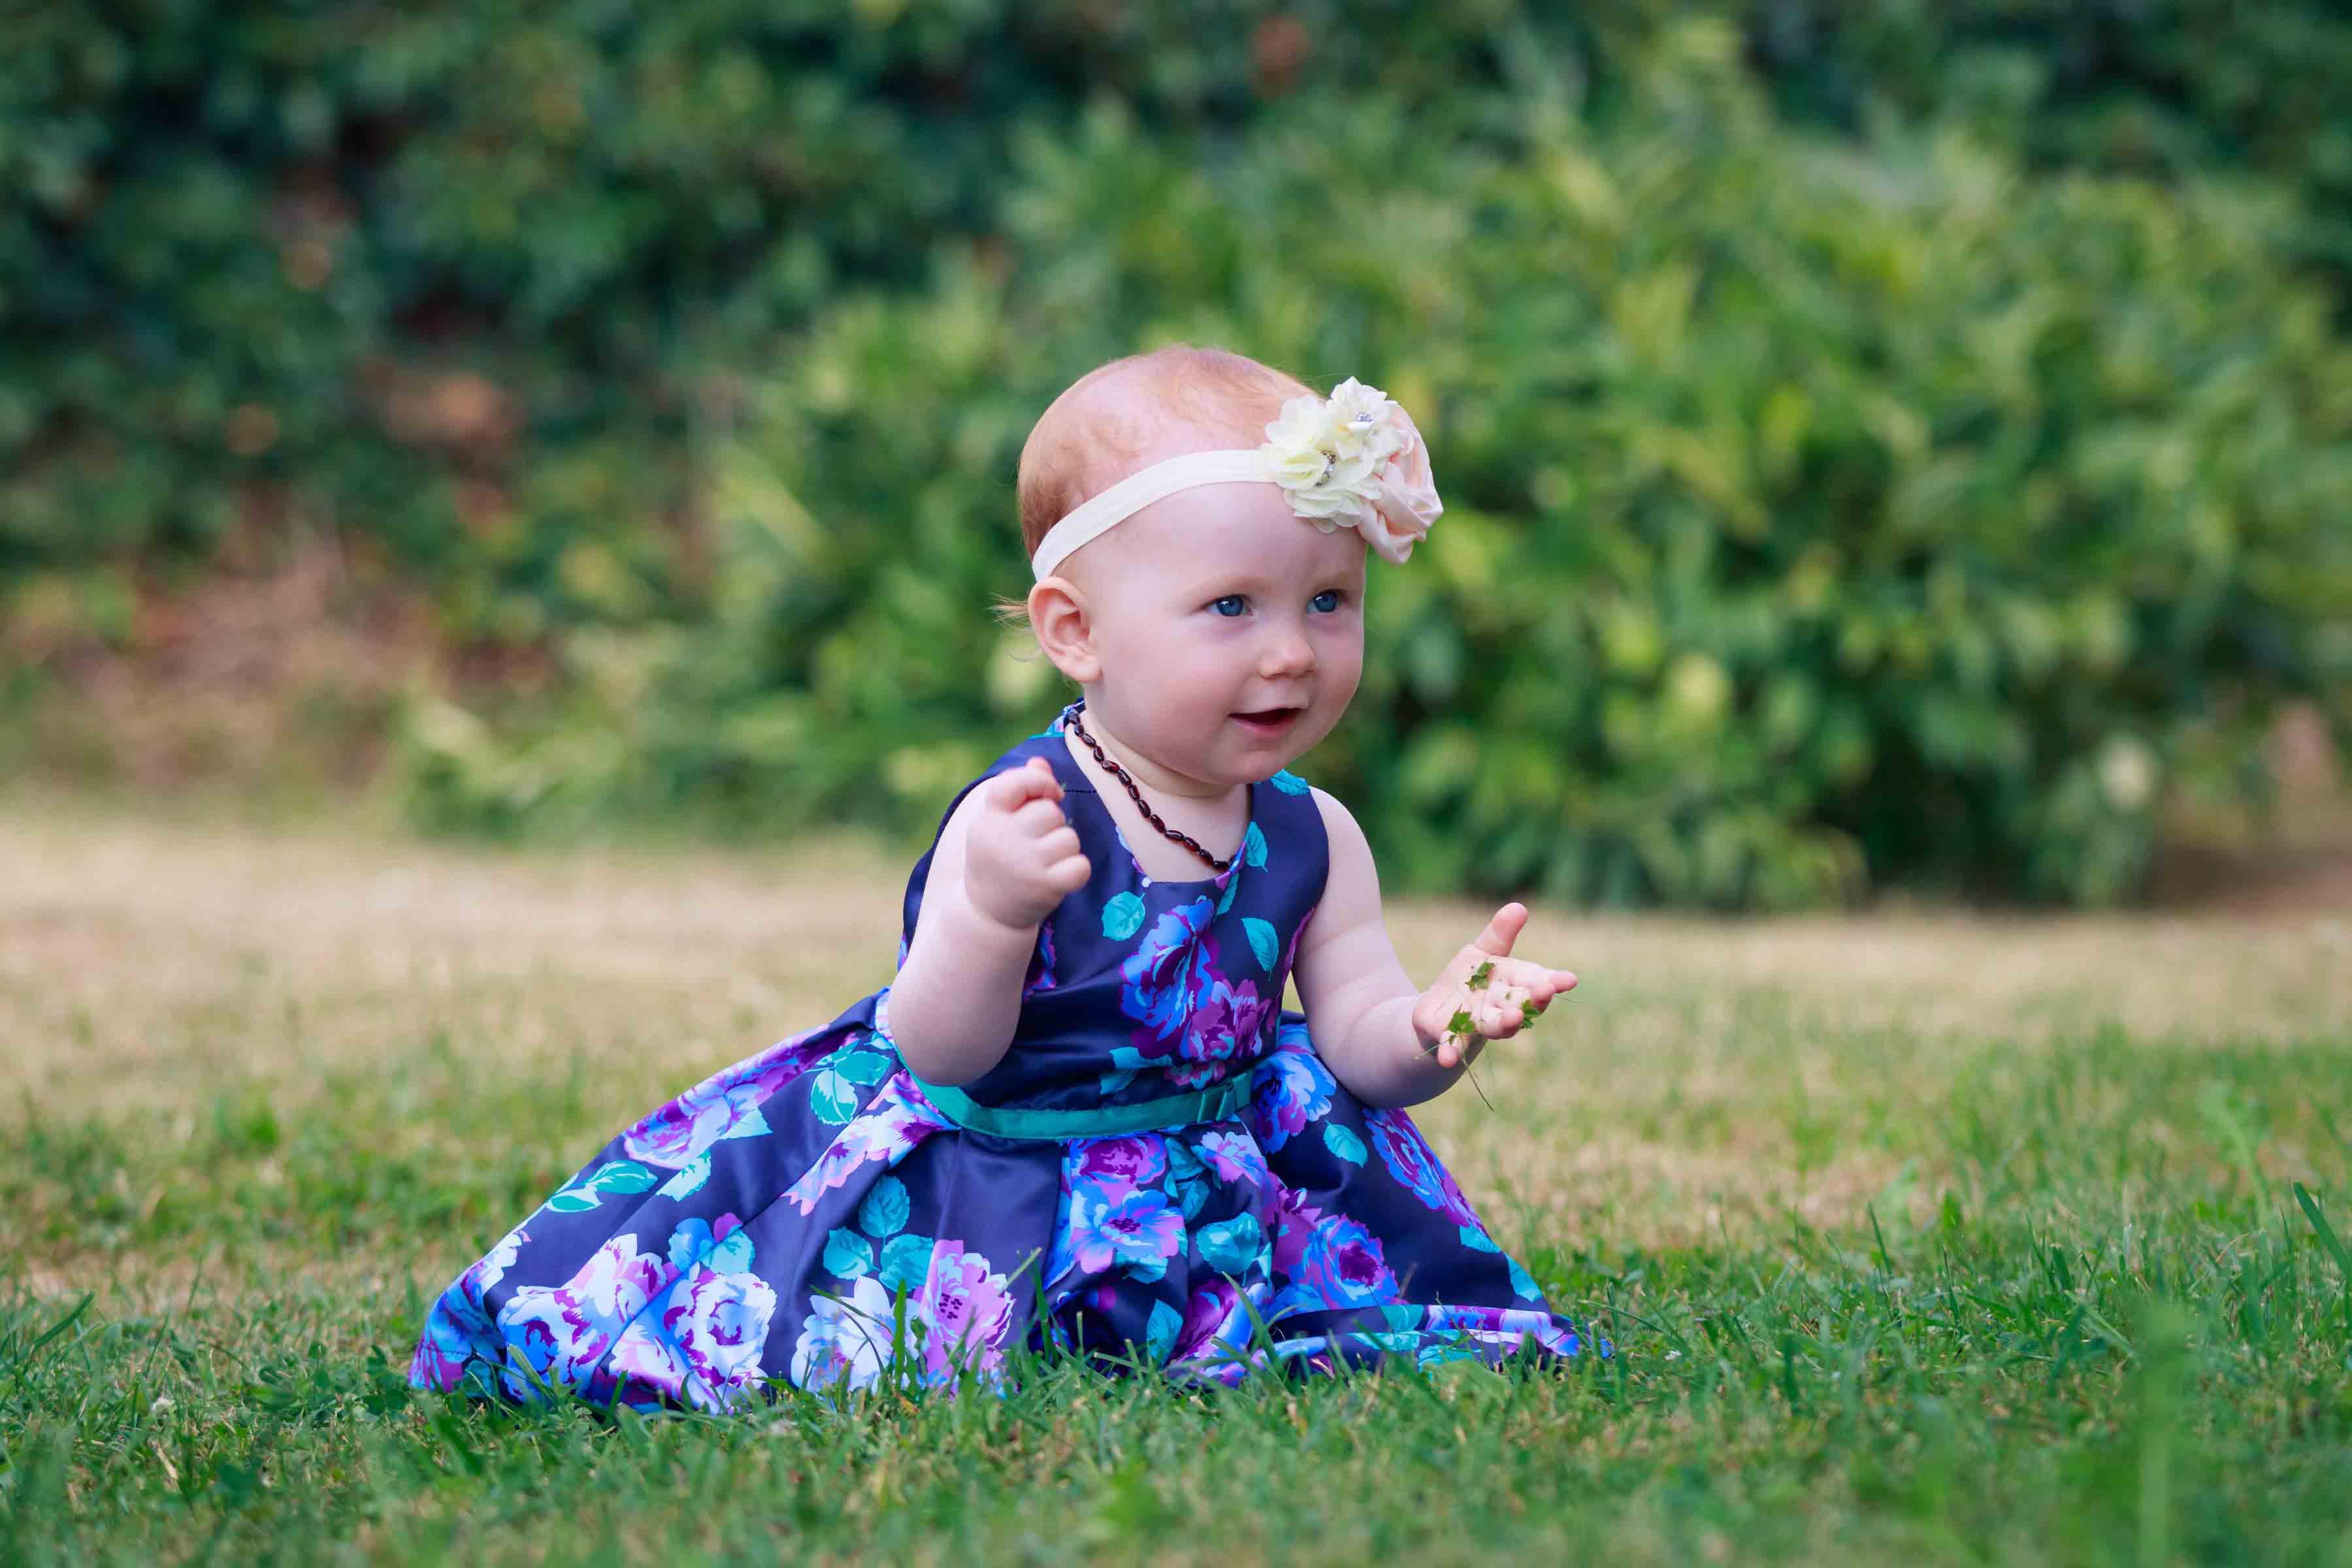 Babyshooting und Familienportraits mit Glücksfaktor und Sommerfeeling IMG 4164w